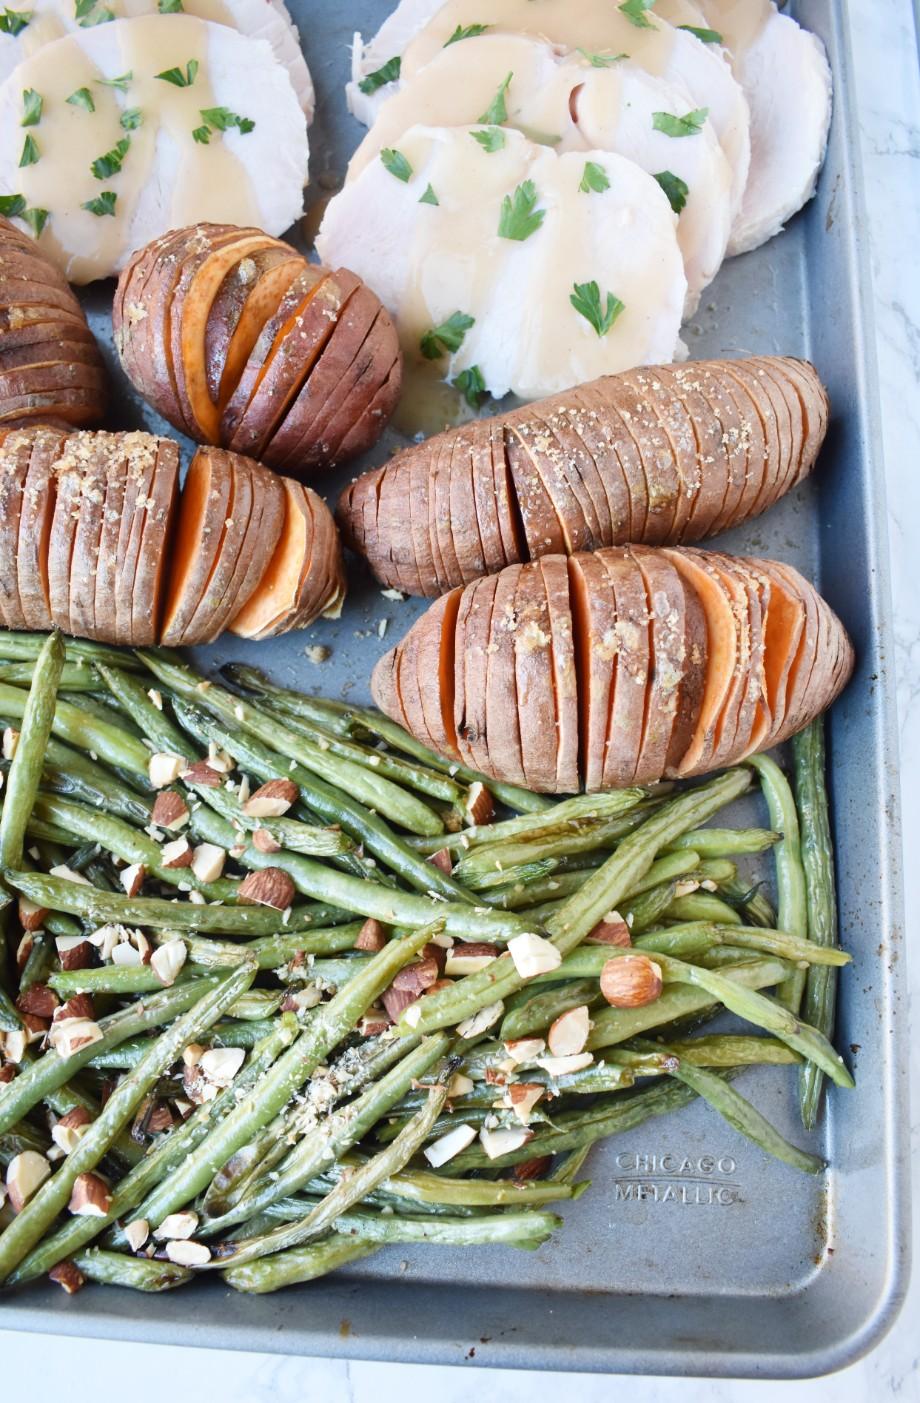 Sheet Pan Thanksgiving Meal